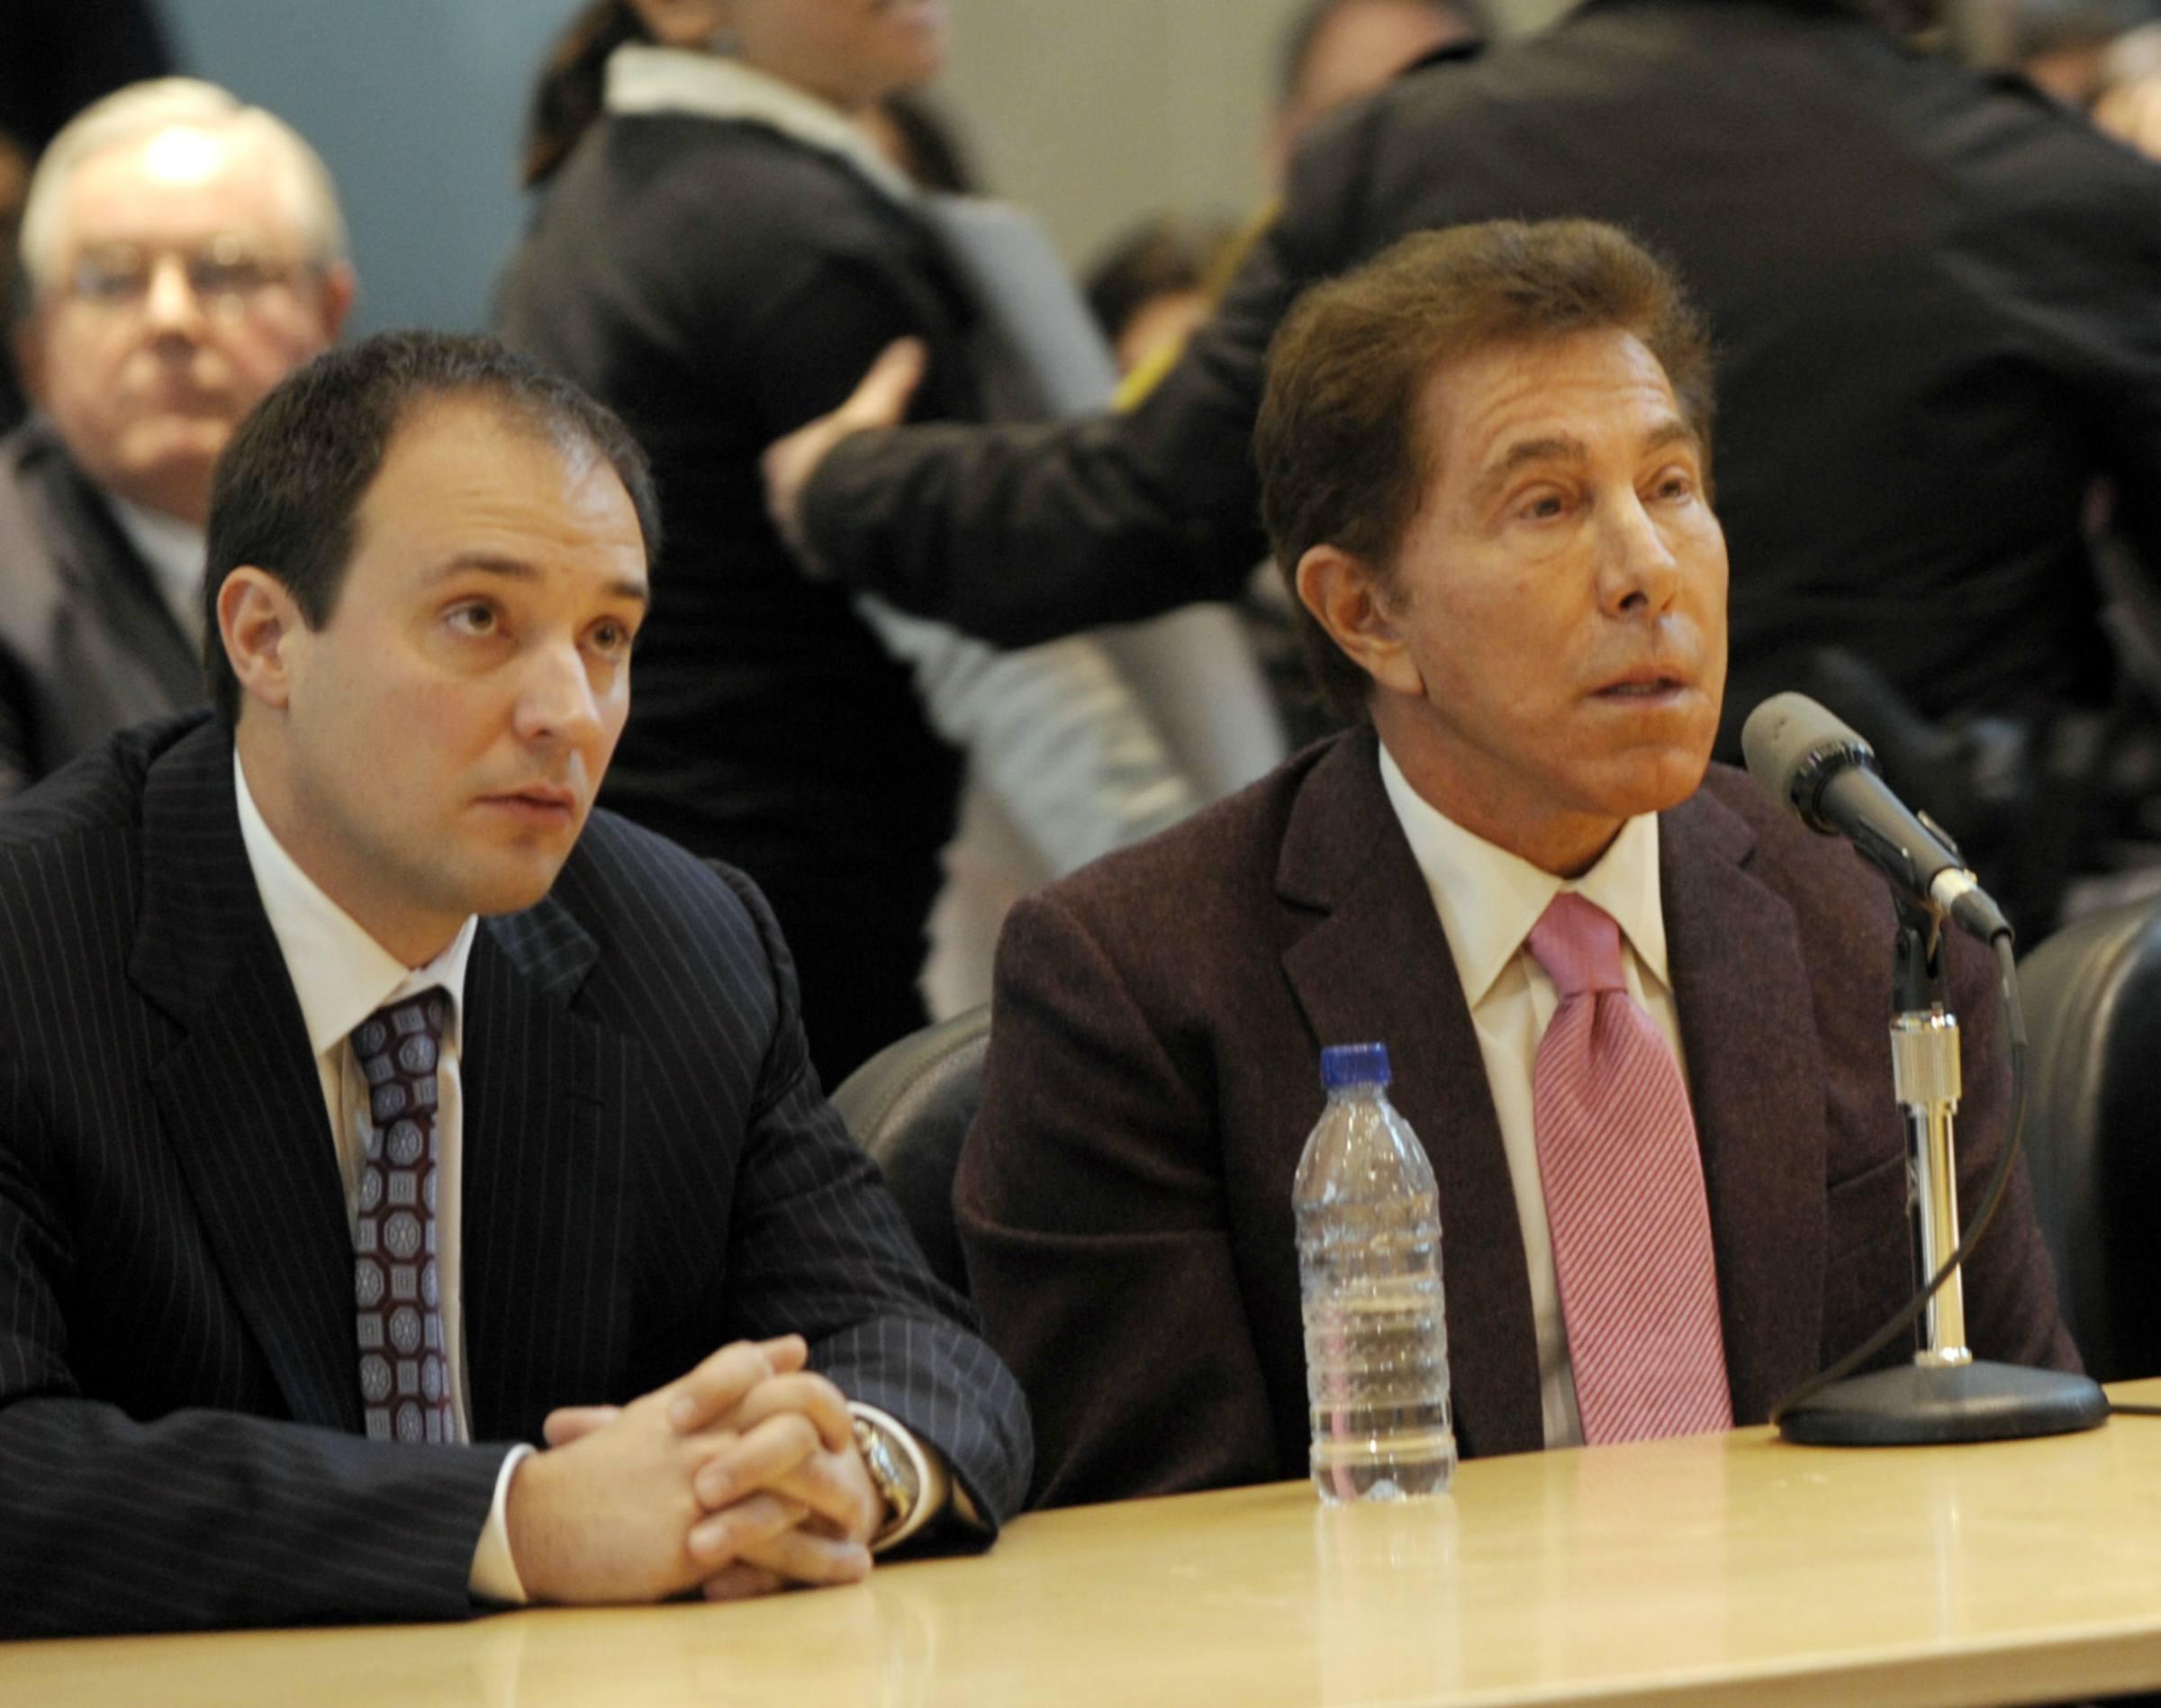 Wynn Resorts Matt Maddox CEO